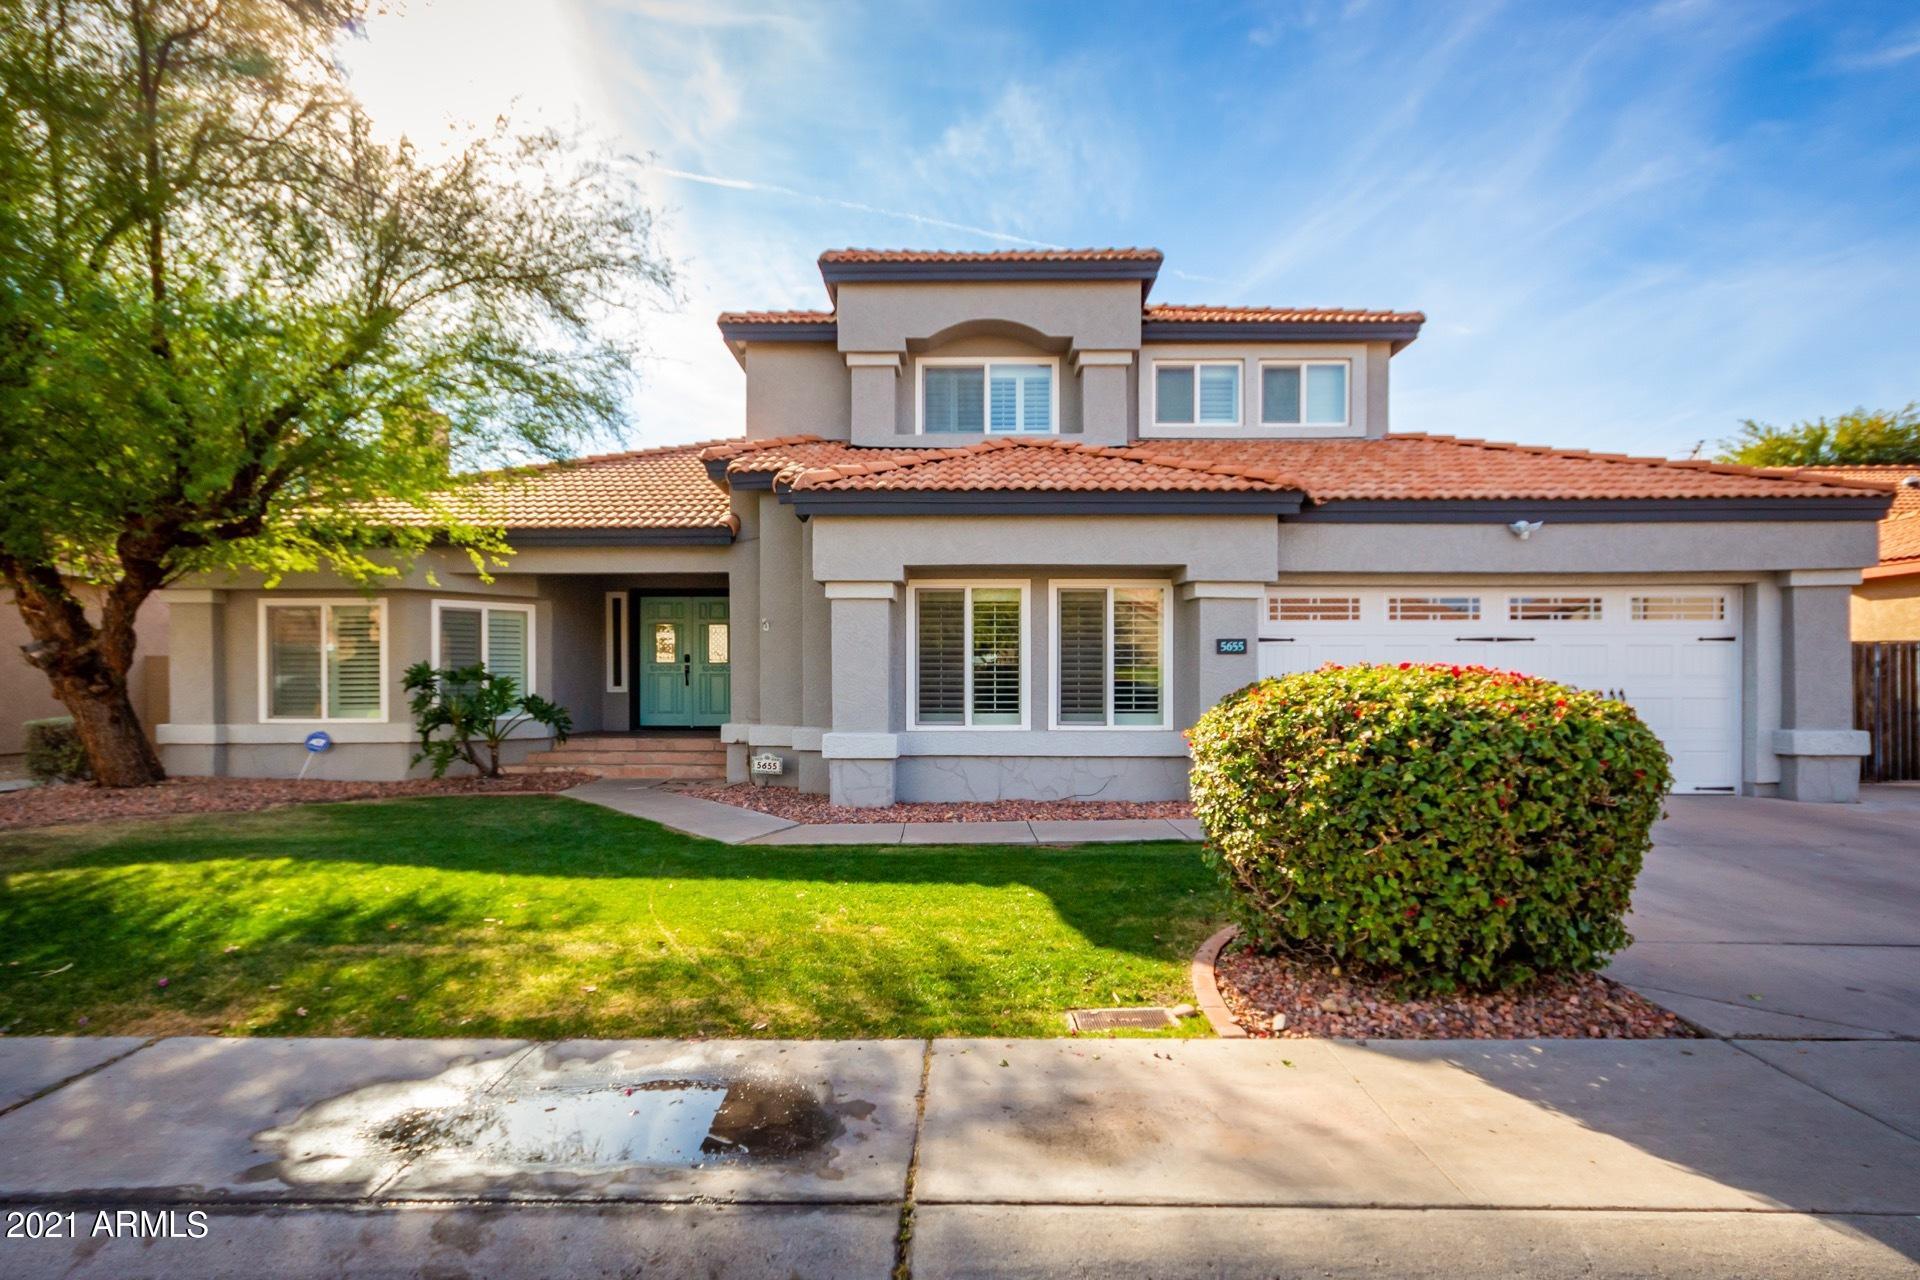 5655 E BEVERLY Lane, Scottsdale, AZ 85254, 4 Bedrooms Bedrooms, ,Residential Lease,For Rent,5655 E BEVERLY Lane,6257618